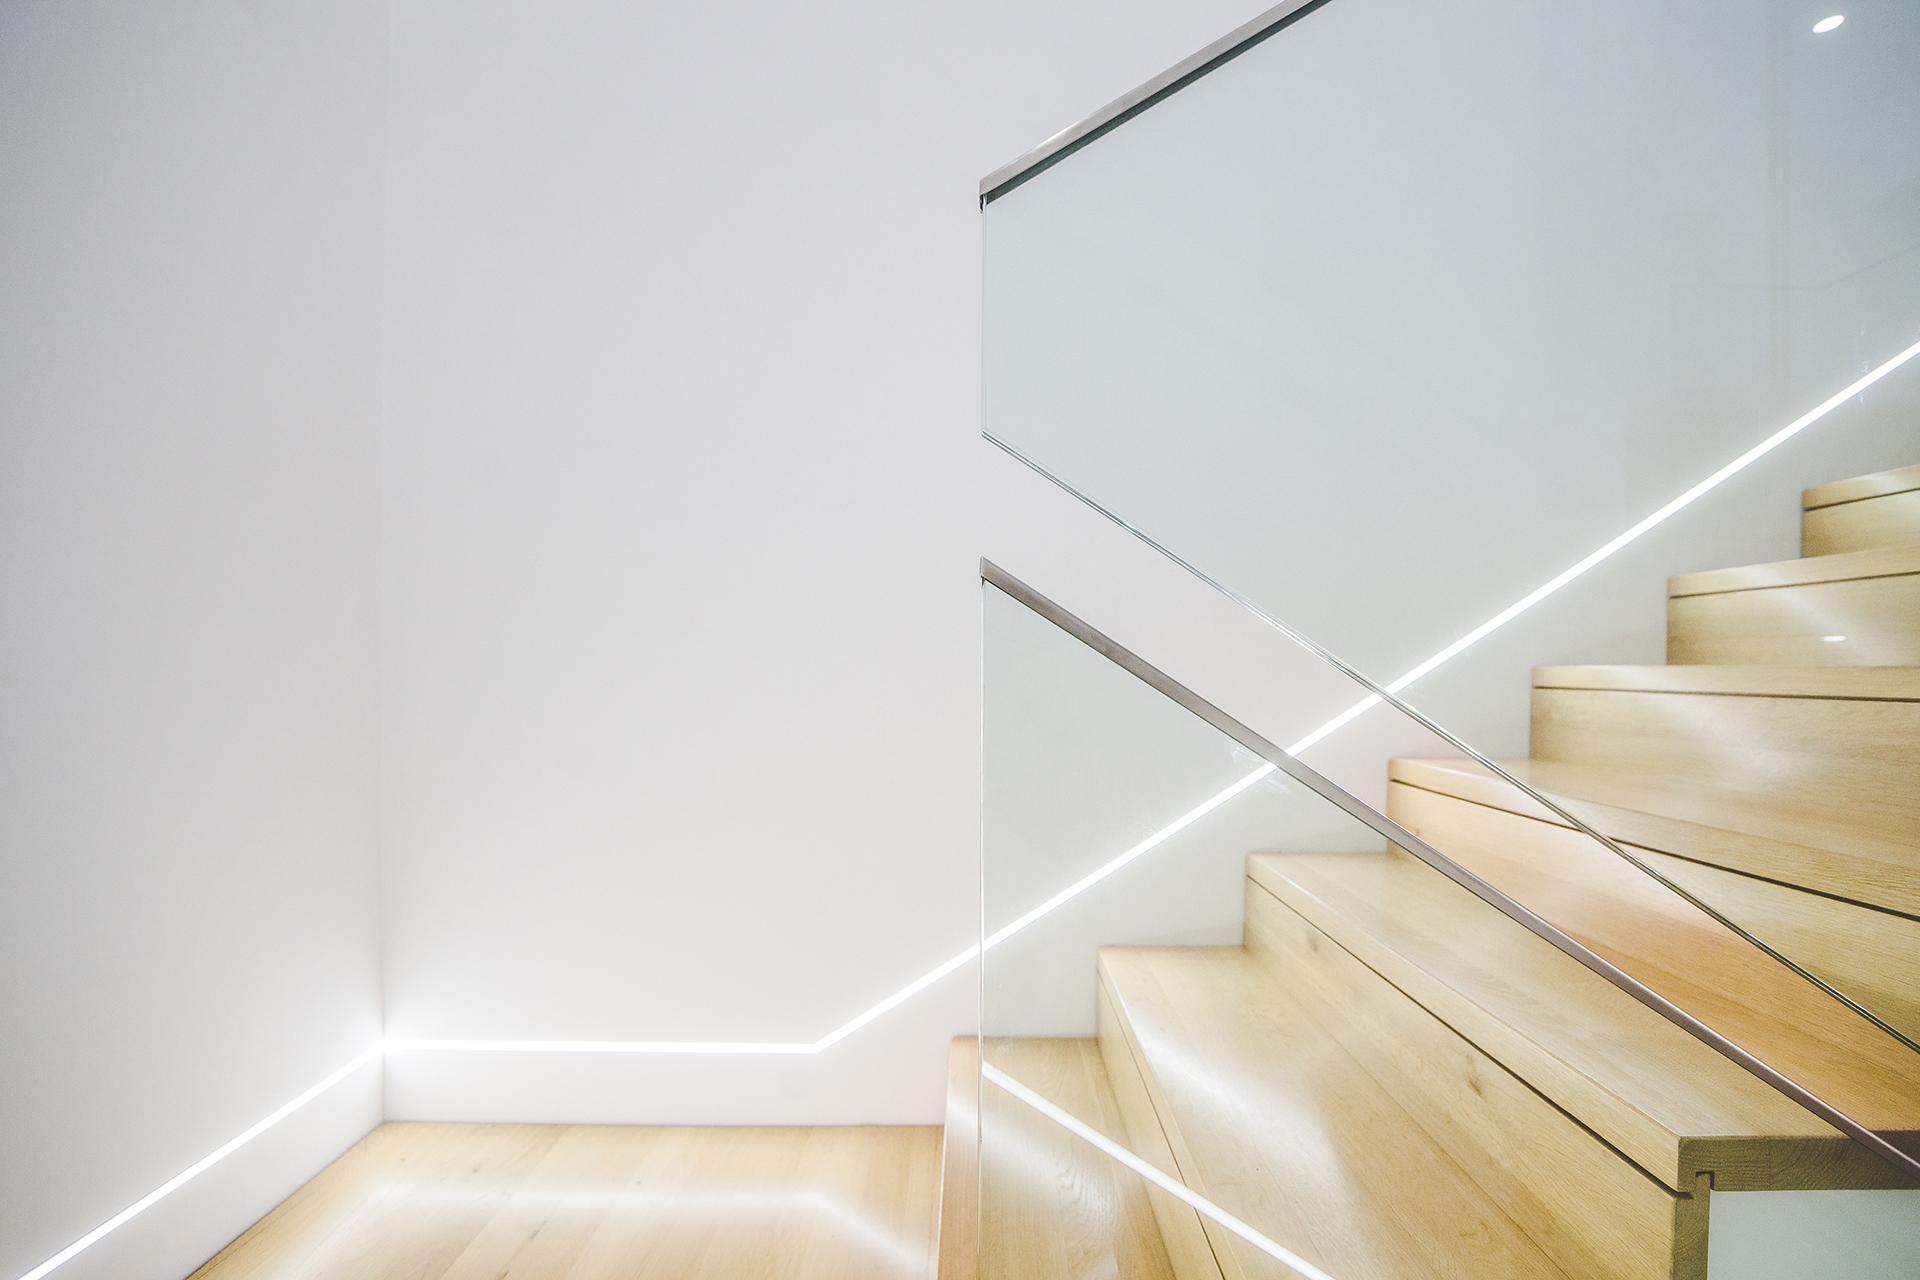 Stiegengeländer aus Glas, Glastüren